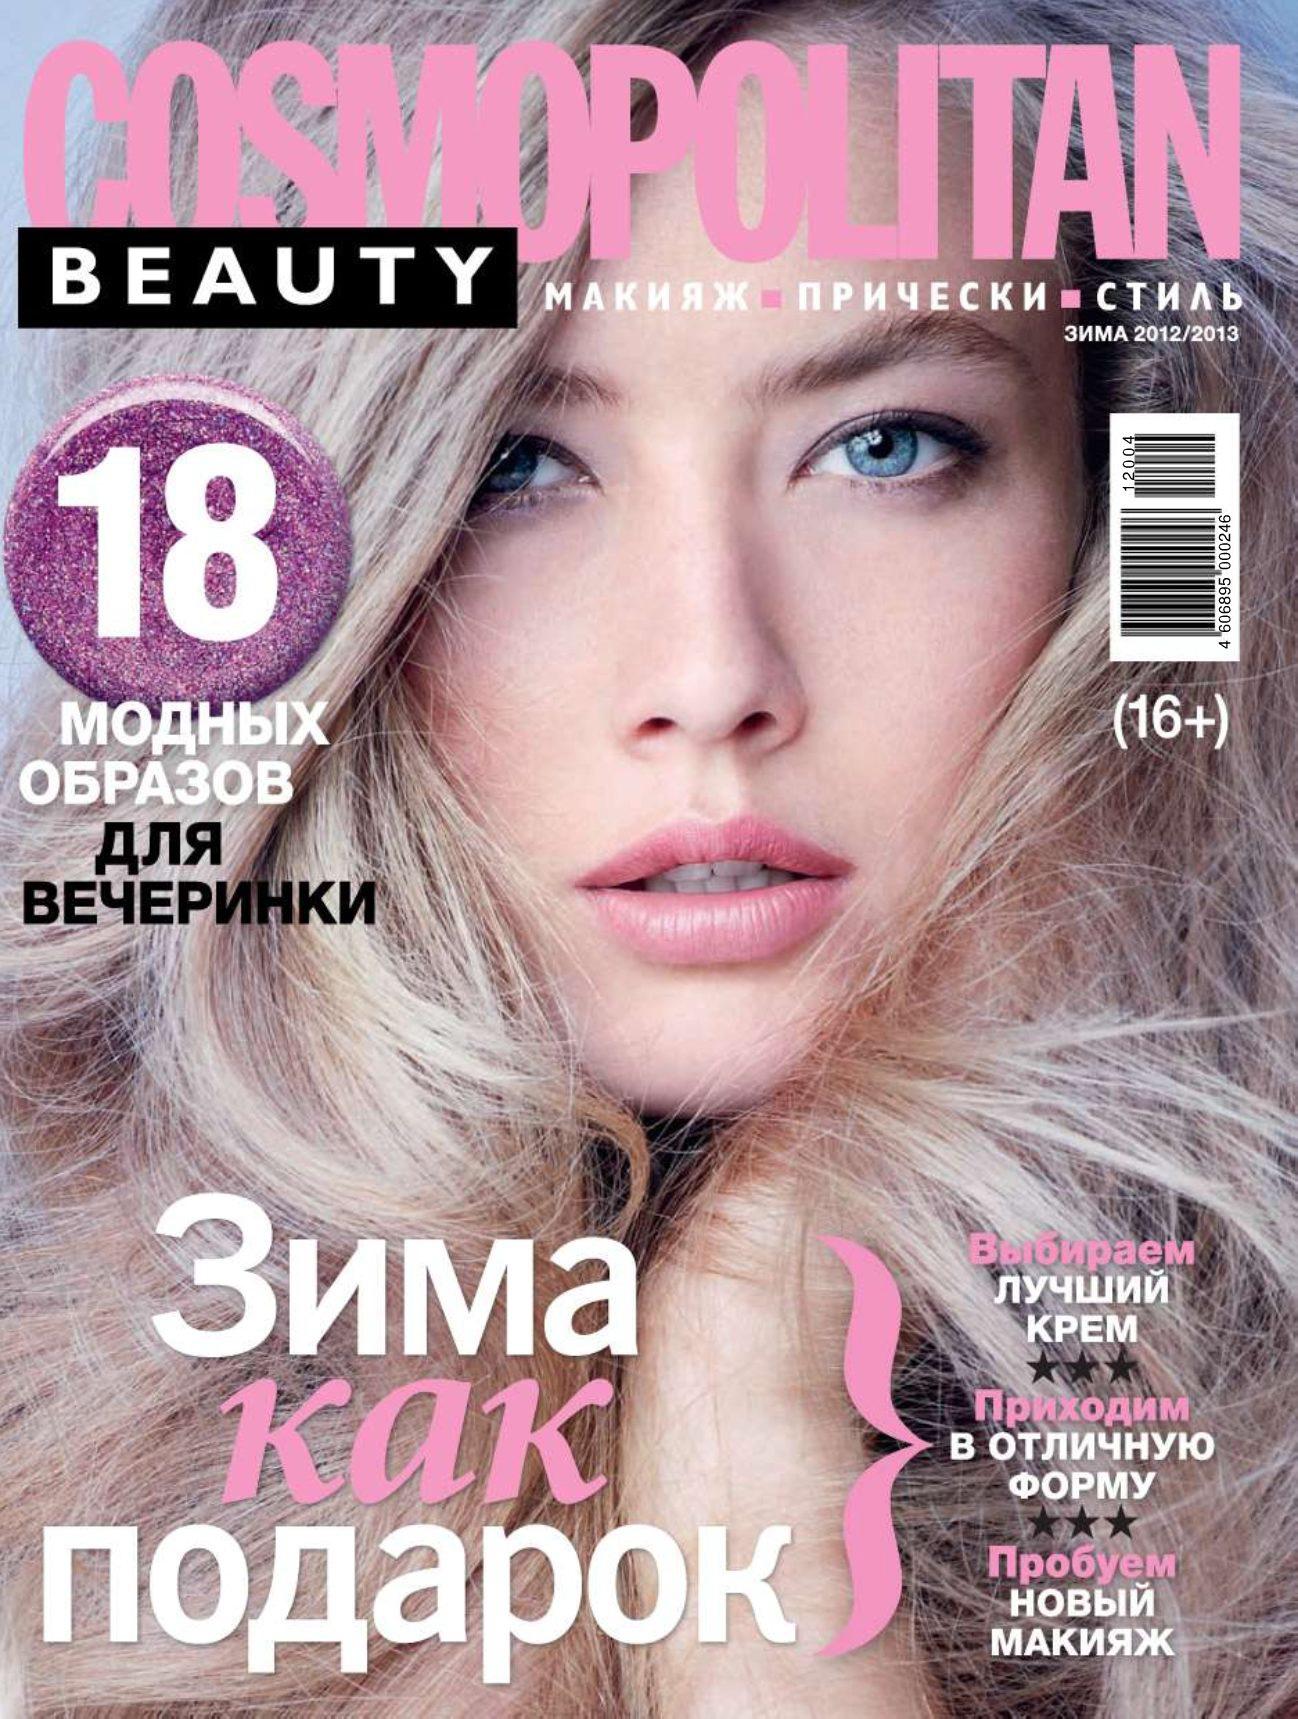 Фото на обложке журнала в подарок - оригинальный и необычный 33